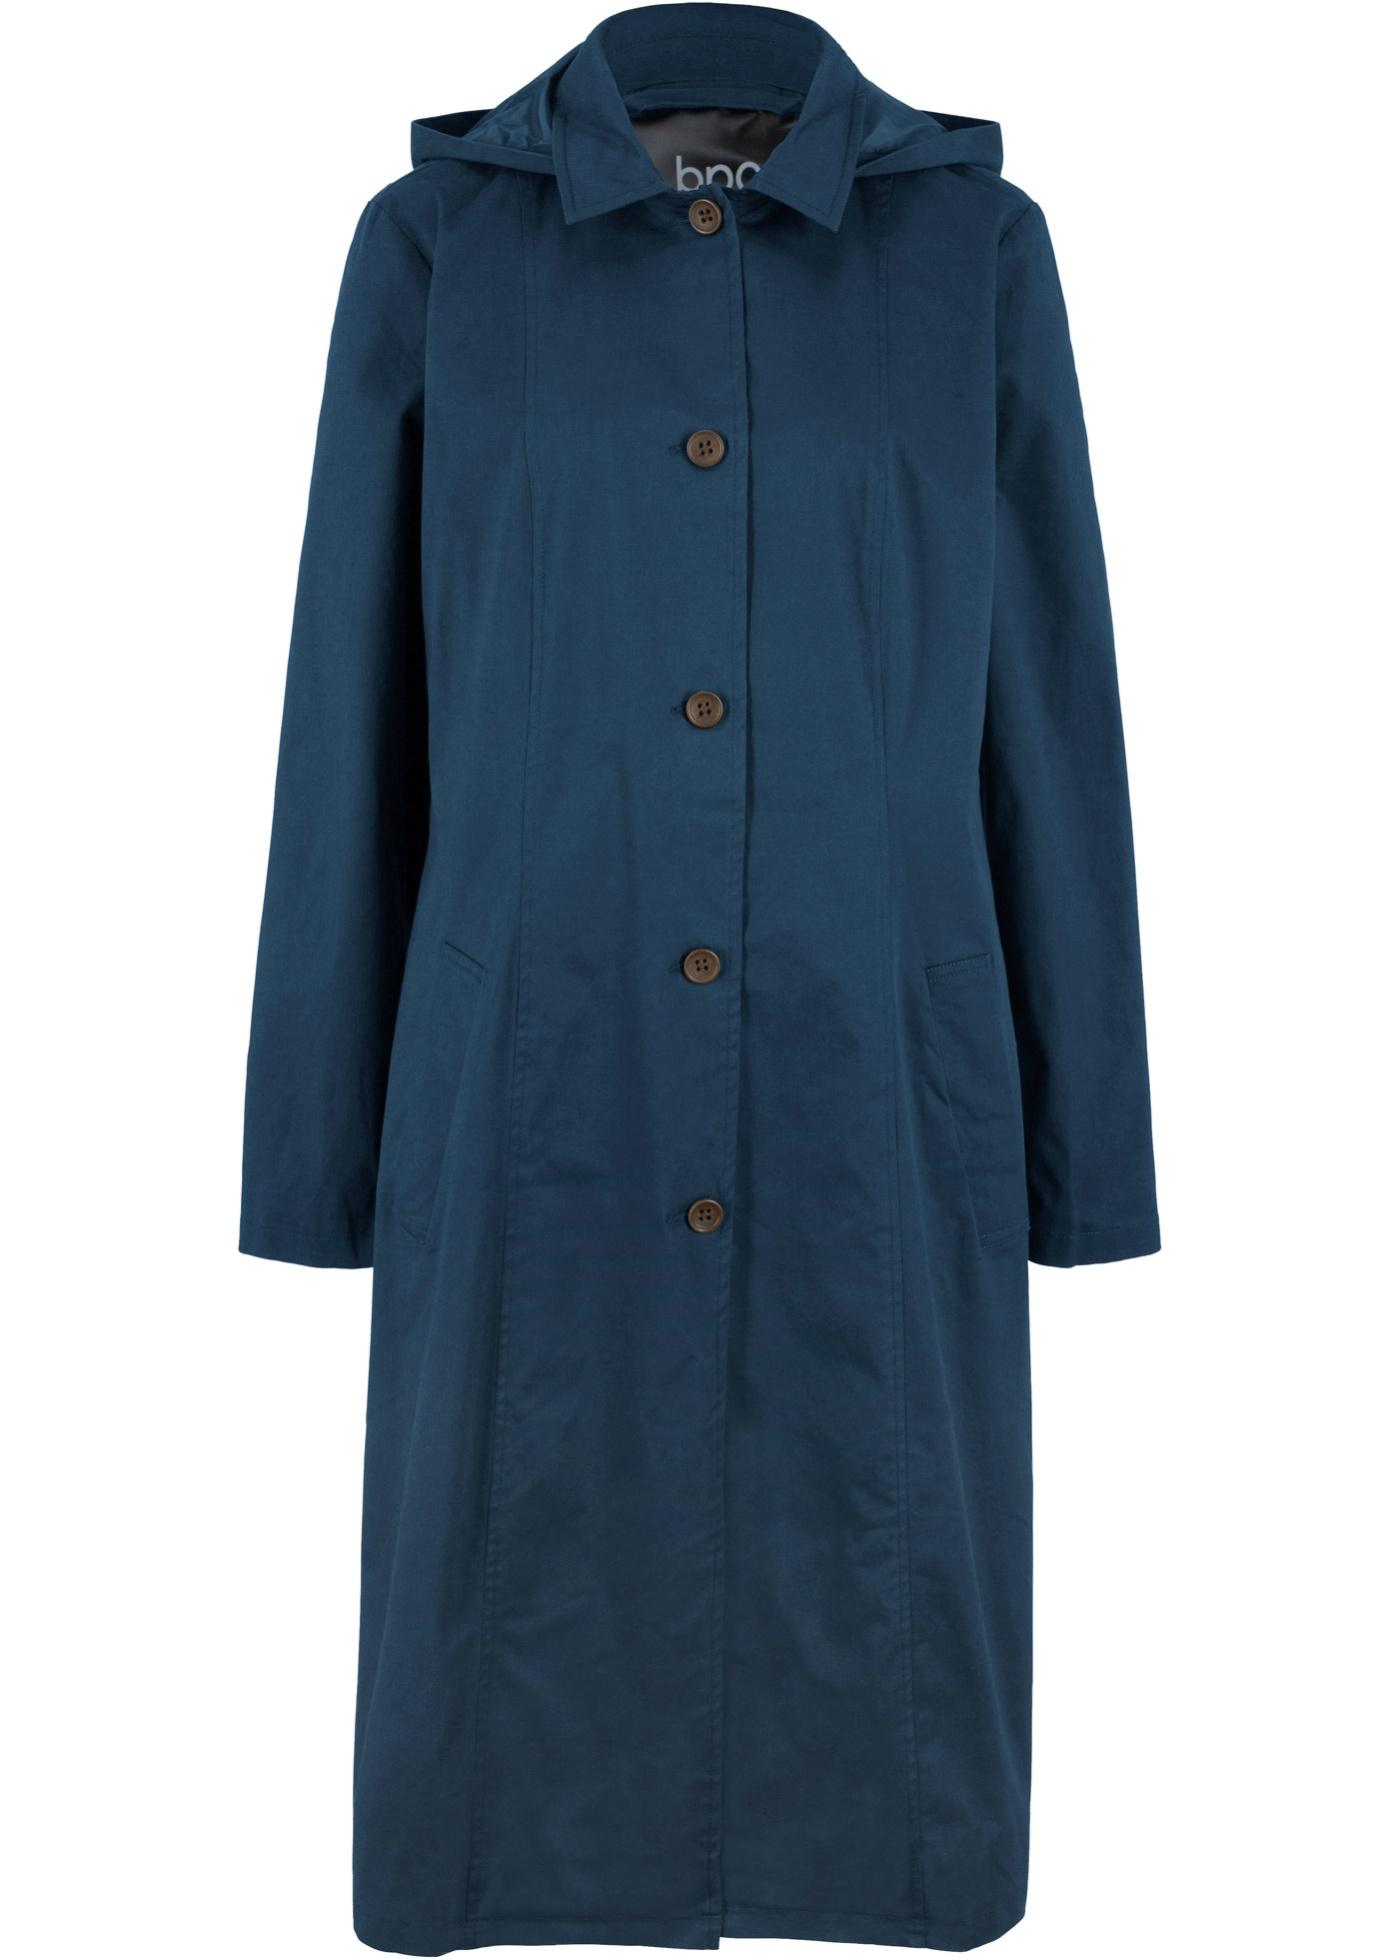 Mantel in Trench-Optik mit Kapuze langarm  in blau für Damen von bonprix